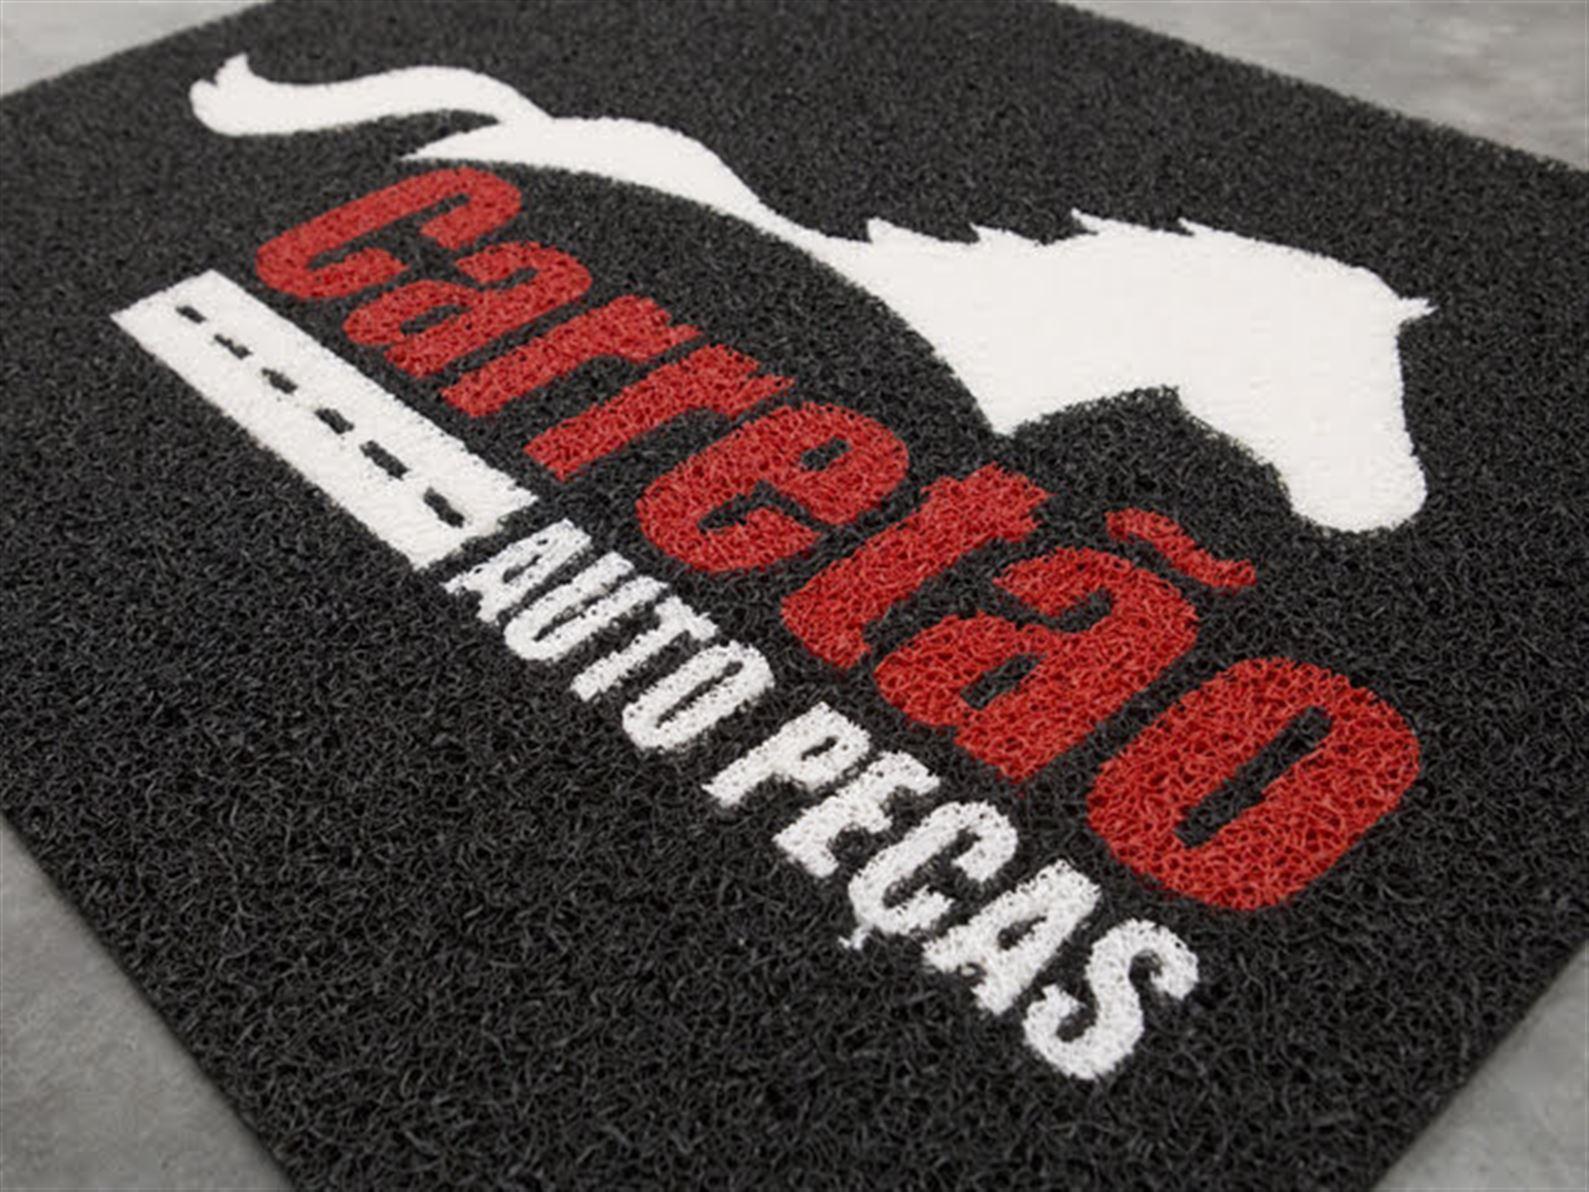 Tapete Personalizados Vulcanizados - Ideal para limpeza dos pés e absorvição de poeiras